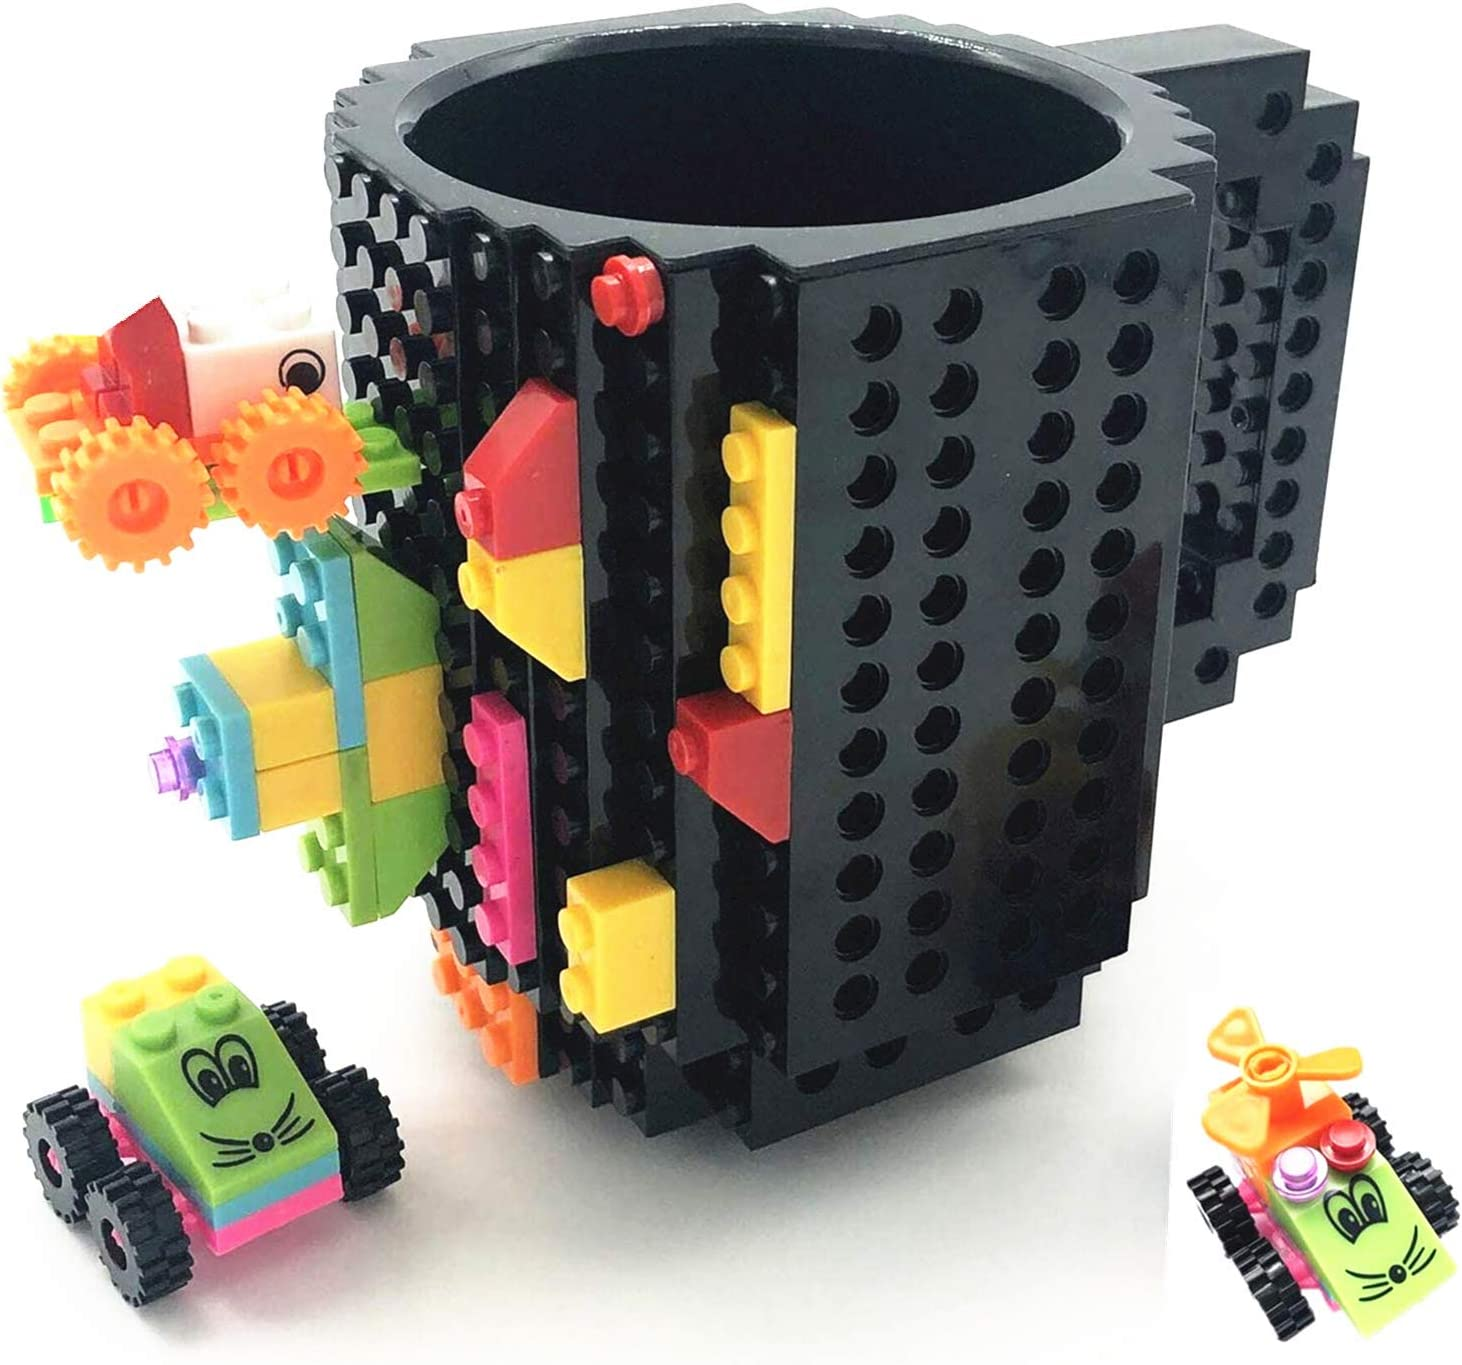 HUISHENG Build-on Brick Mug,Tazas Desayuno,Regalos para Hombre Mujer Papá Él Amigos Niños Adulto, Originales Regalo Ideal para Navidad Pascua Dia del Padre Cumpleaños,Compatible con Lego